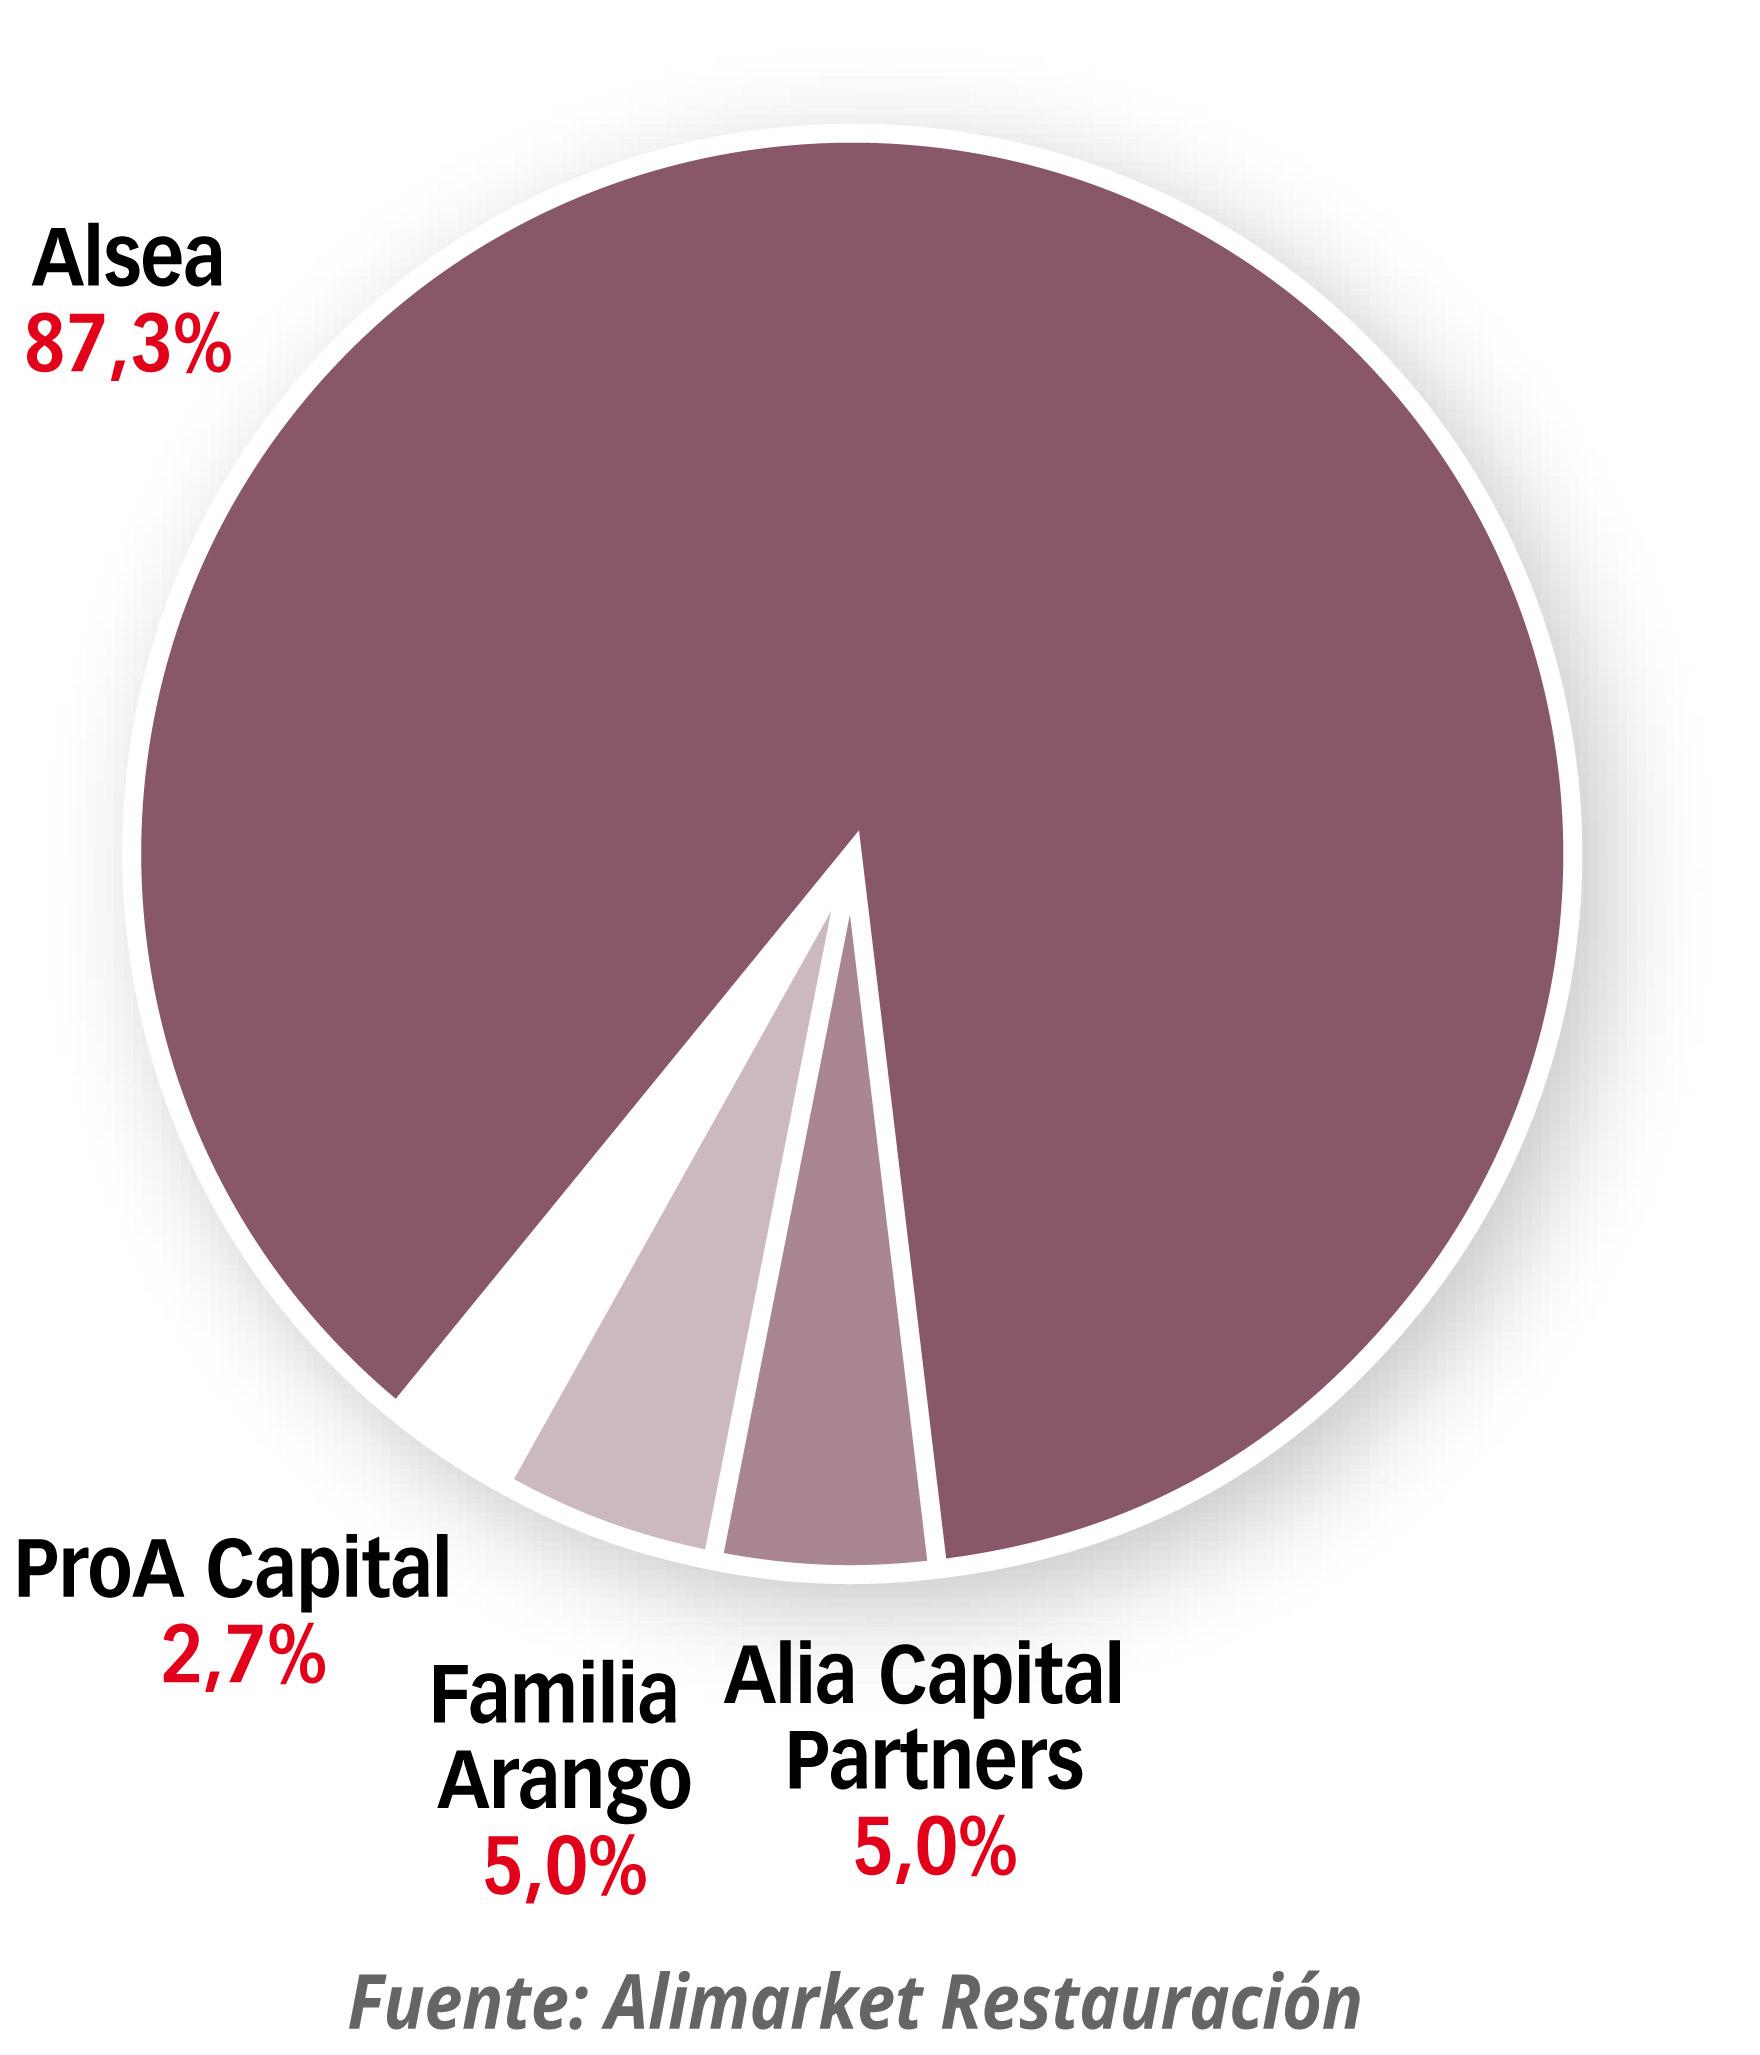 Accionariado del grupo resultante de la fusión Zena Alsea-Grupo Vips